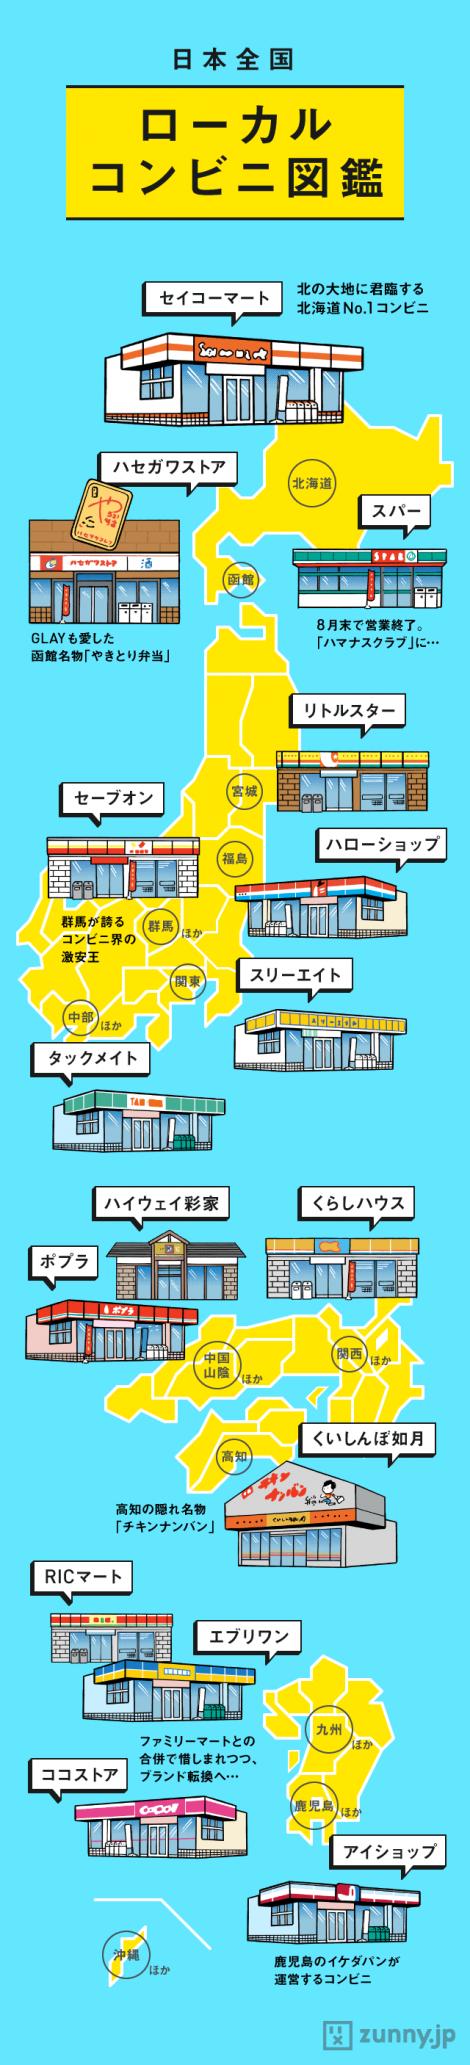 インフォグラフィック:コンビニは日本に何種類?地方密着型のコンビニエンスストア